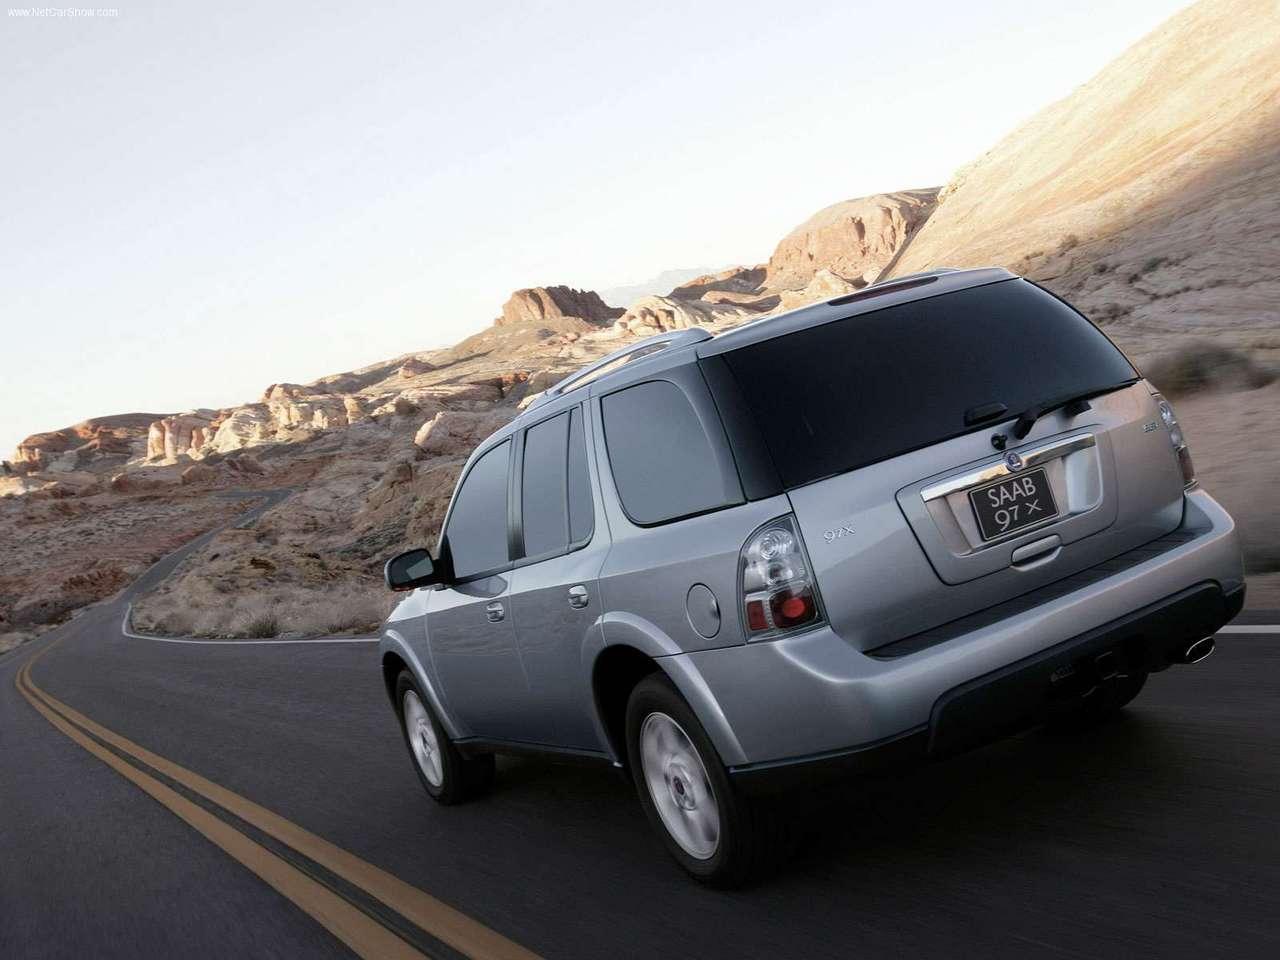 saab 9 7 x car guy s paradise rh allaboutdieselz blogspot com saab 97x manual Saab 92